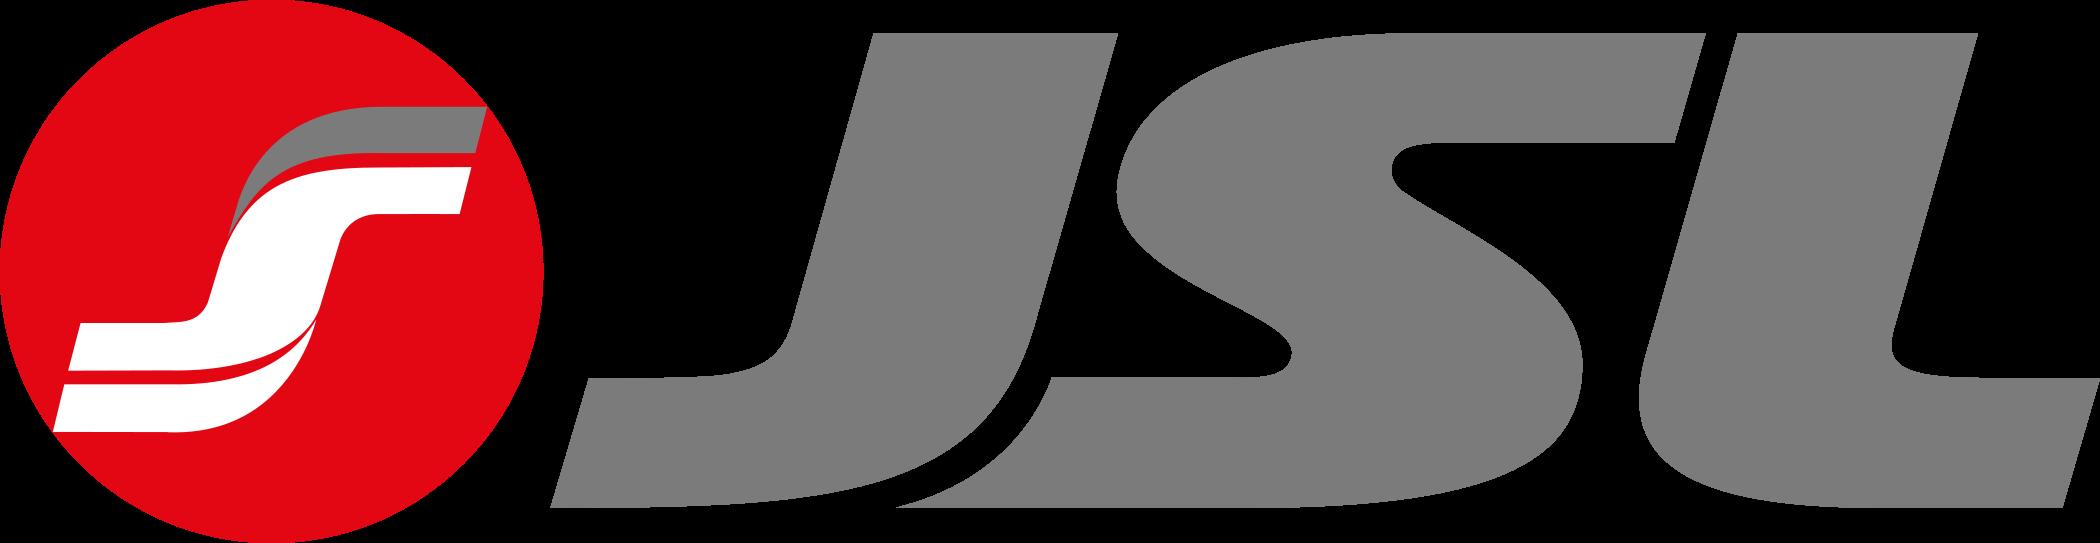 jsl logo 3 - JSL Logo